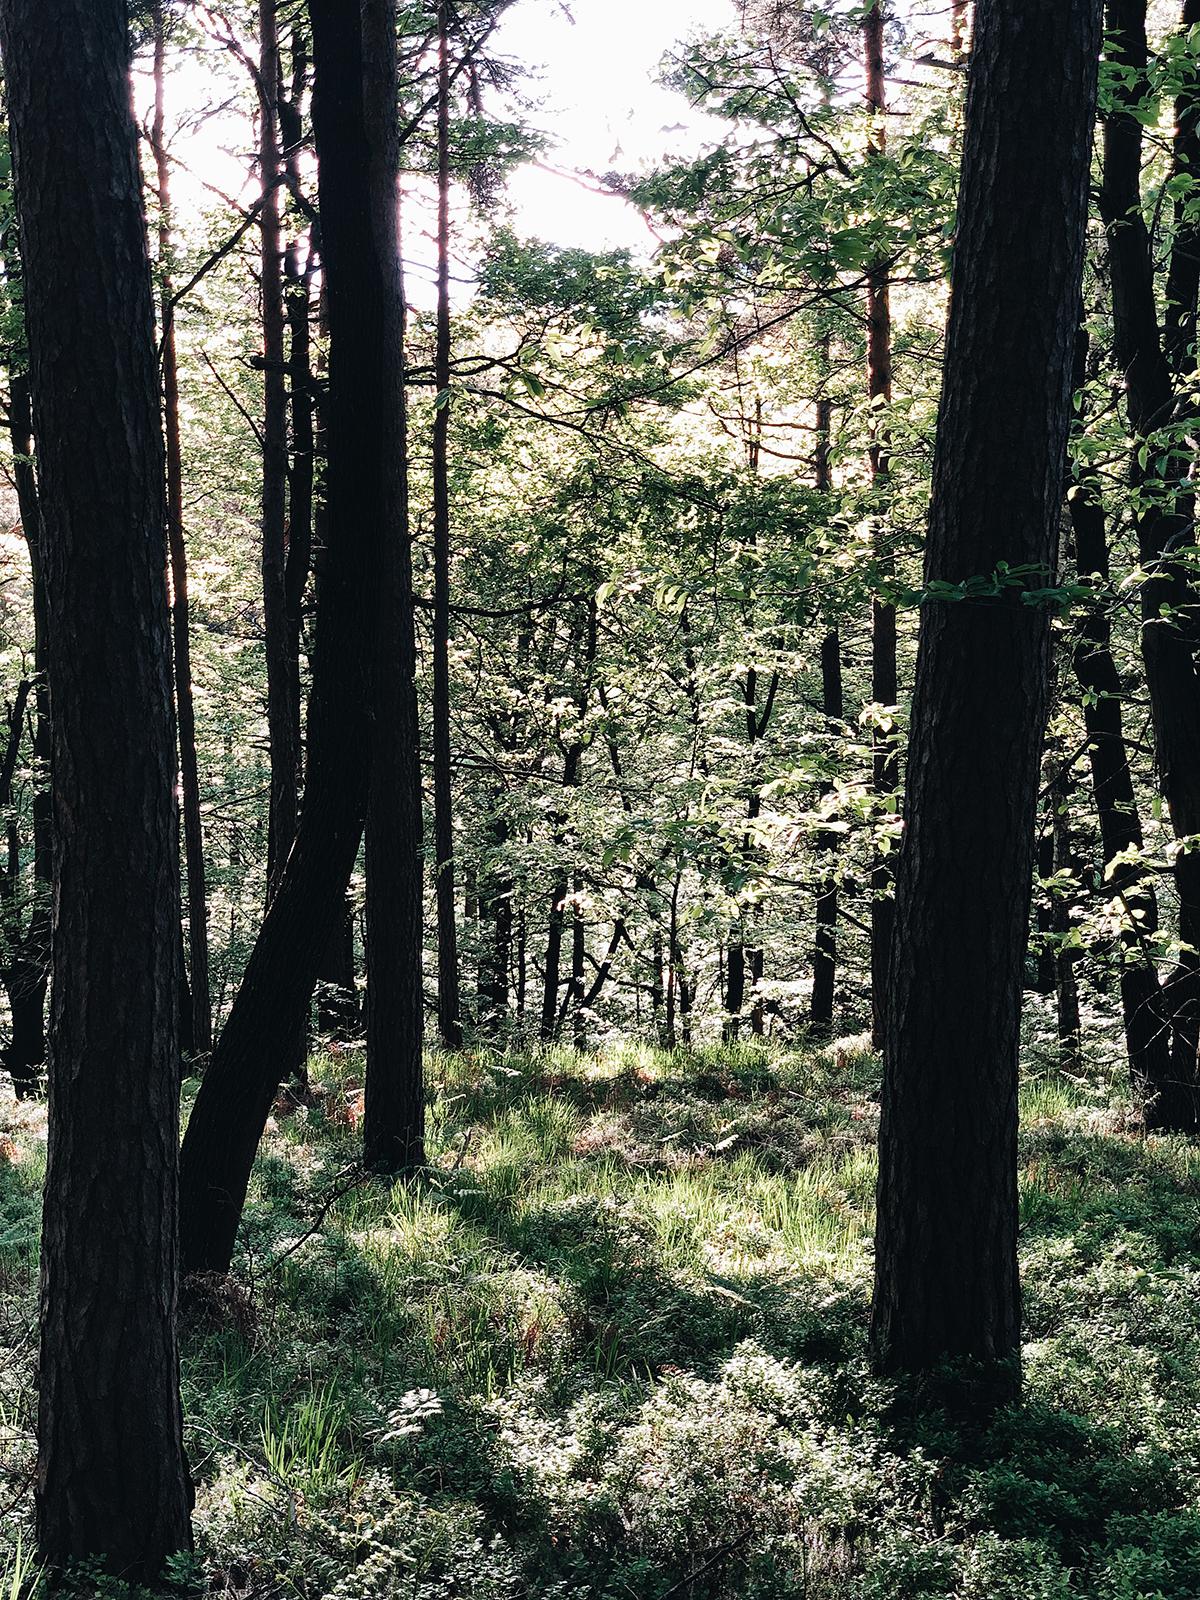 ohranimo-naravo-čisto-in-neokrnjeno-lili-in-roza-blog-skrb-za-okolje-gozd-20.JPG